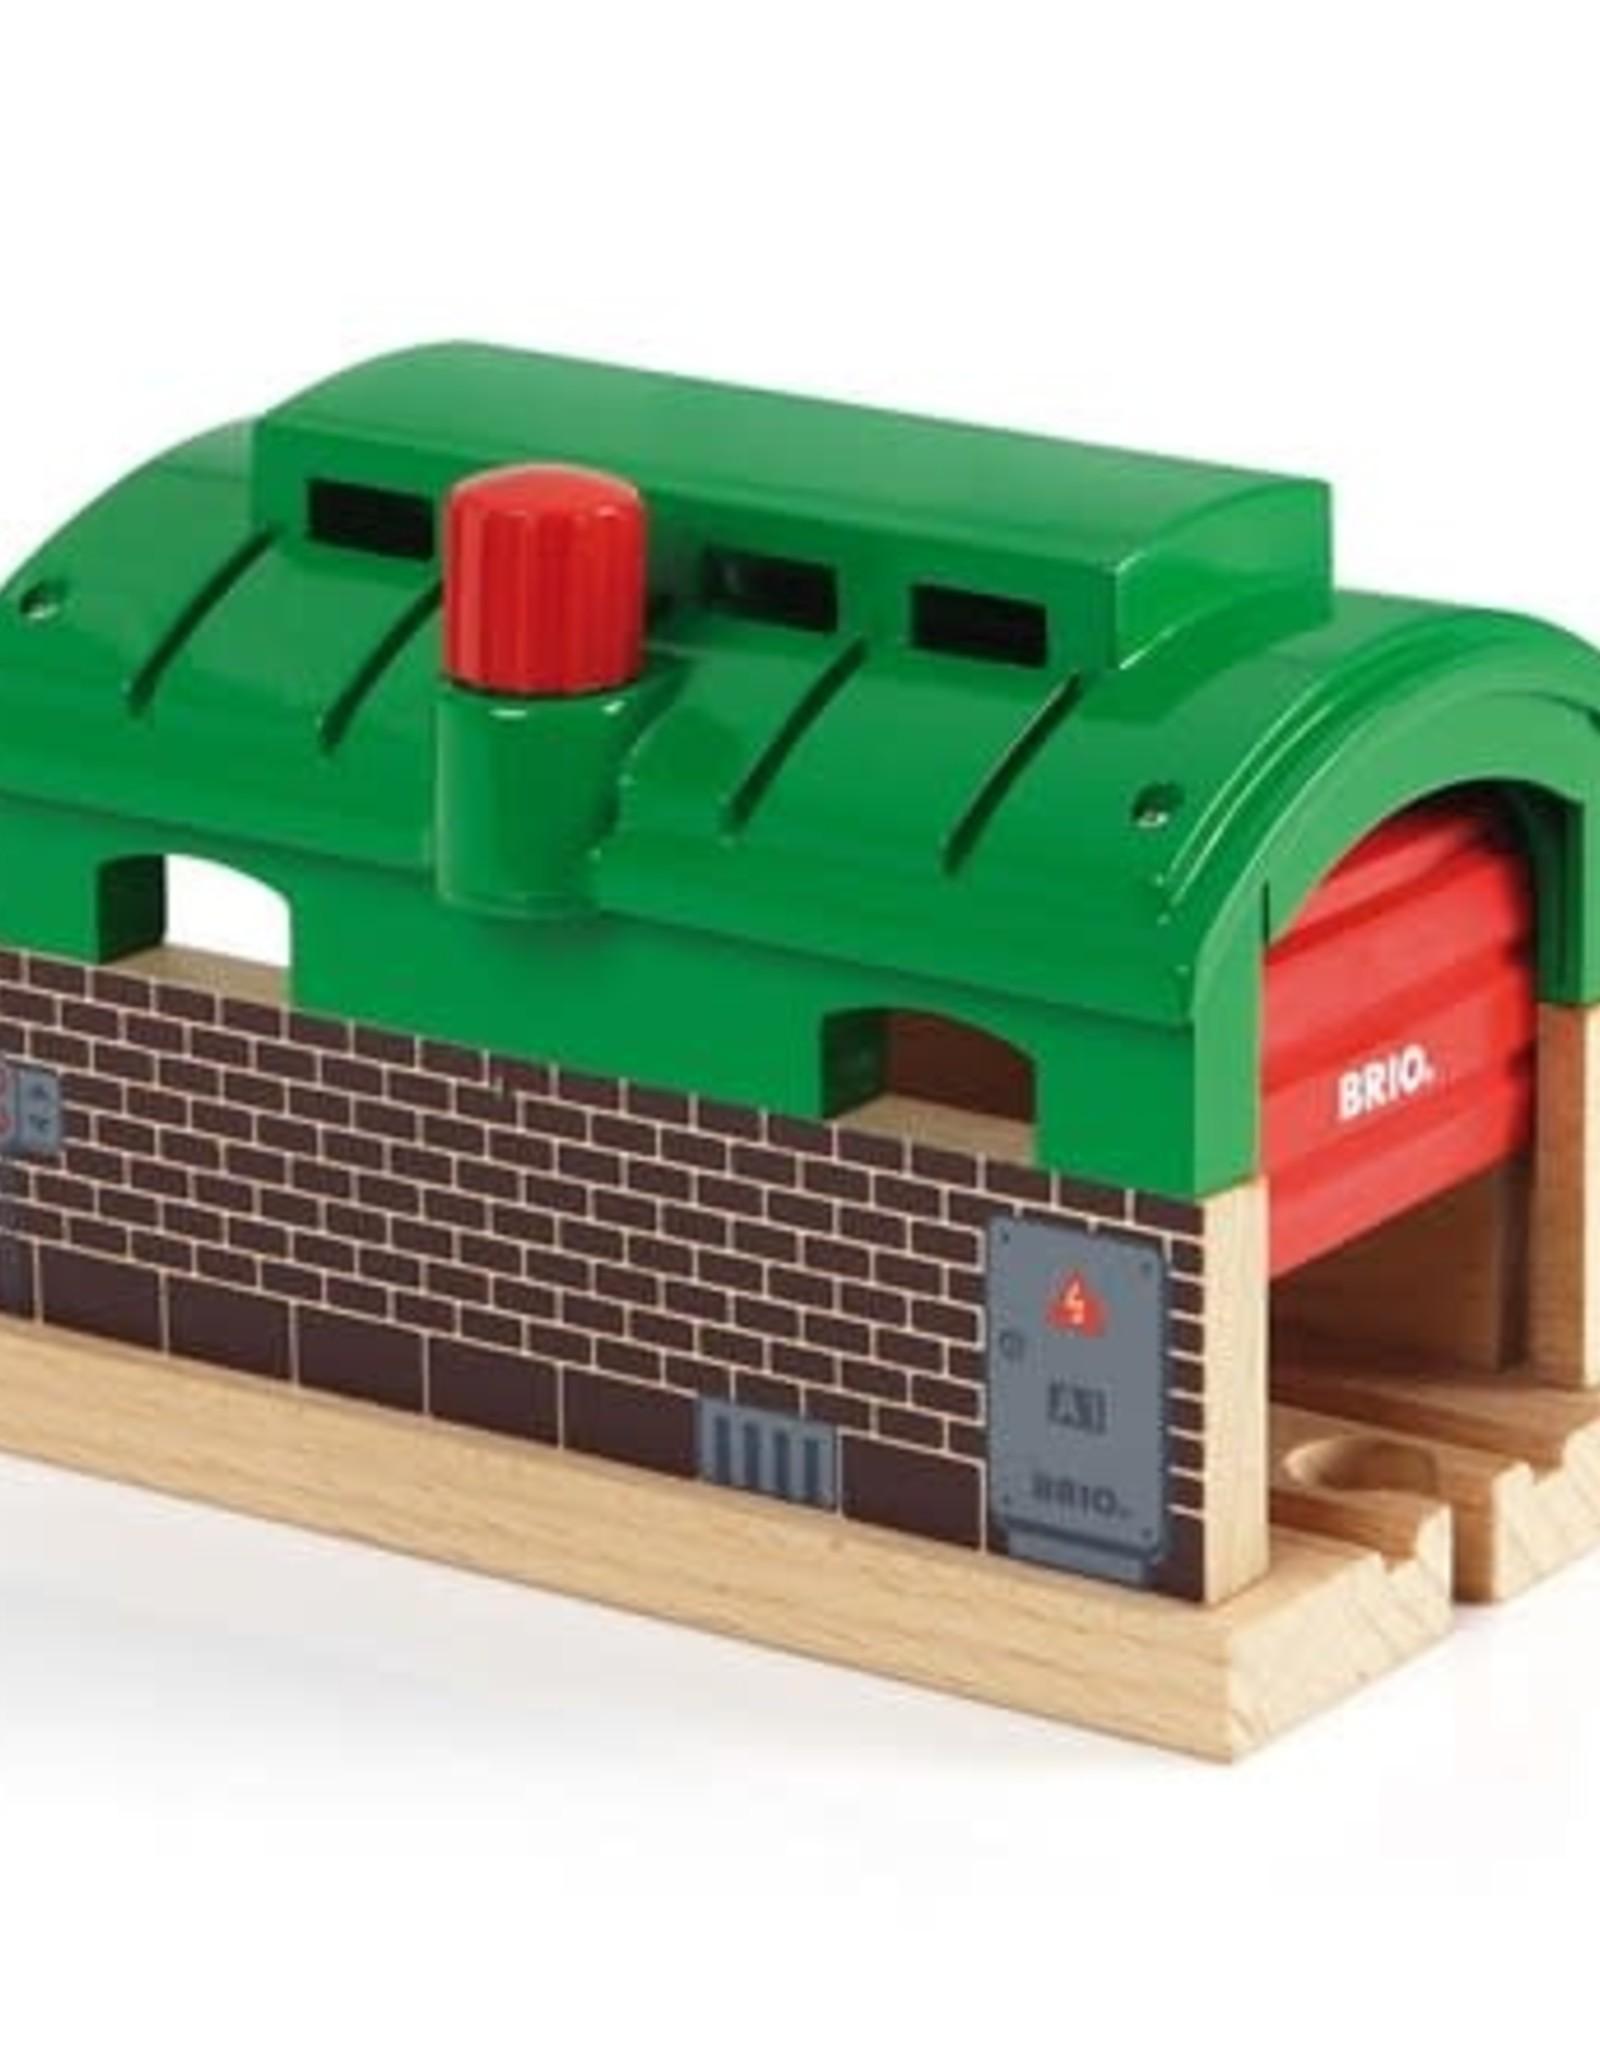 Brio Brio - Train Garage